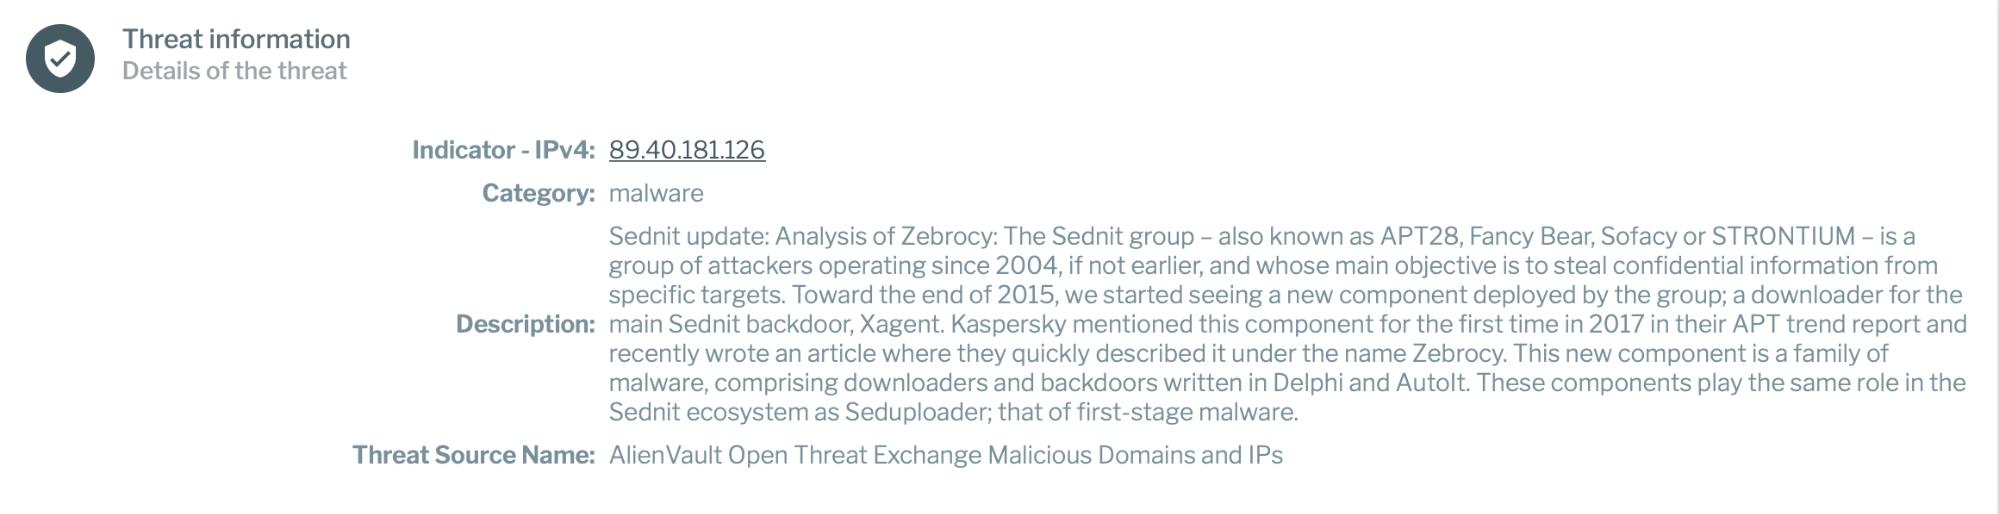 Threat information